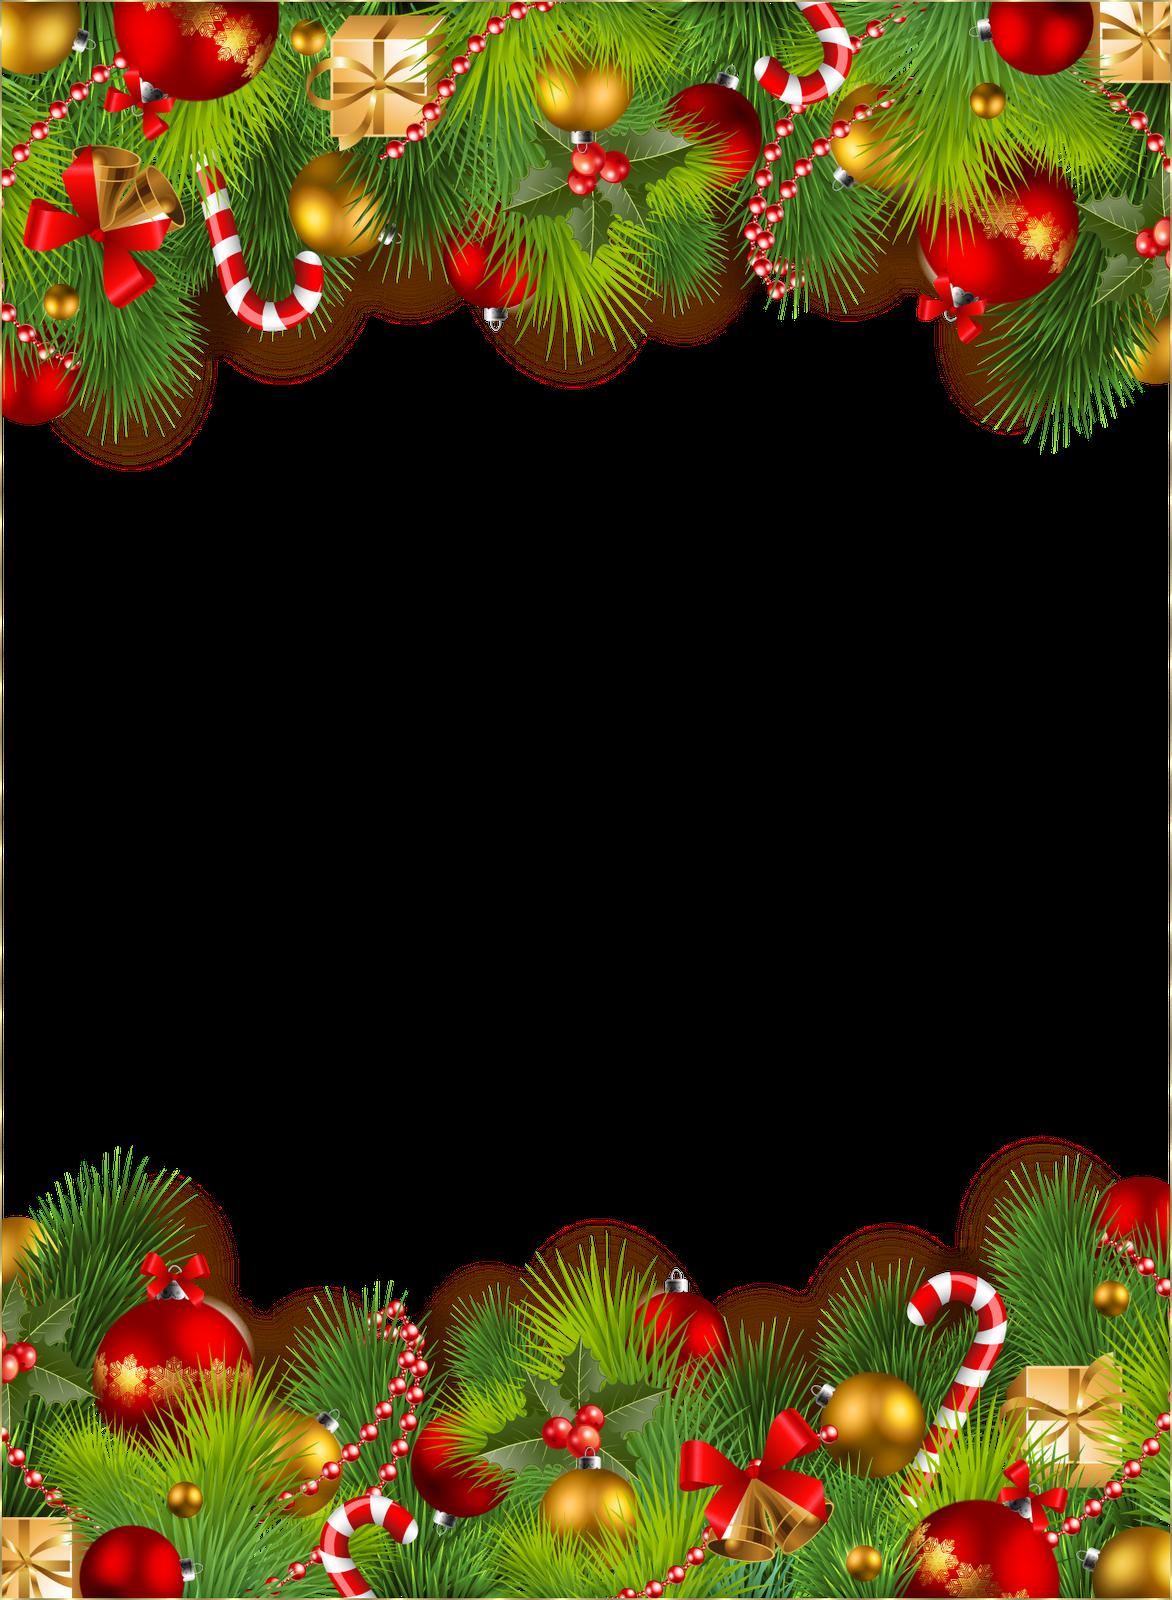 Gifs y fondos paz enla tormenta marcos para fotos de - Imagenes decoracion navidad ...